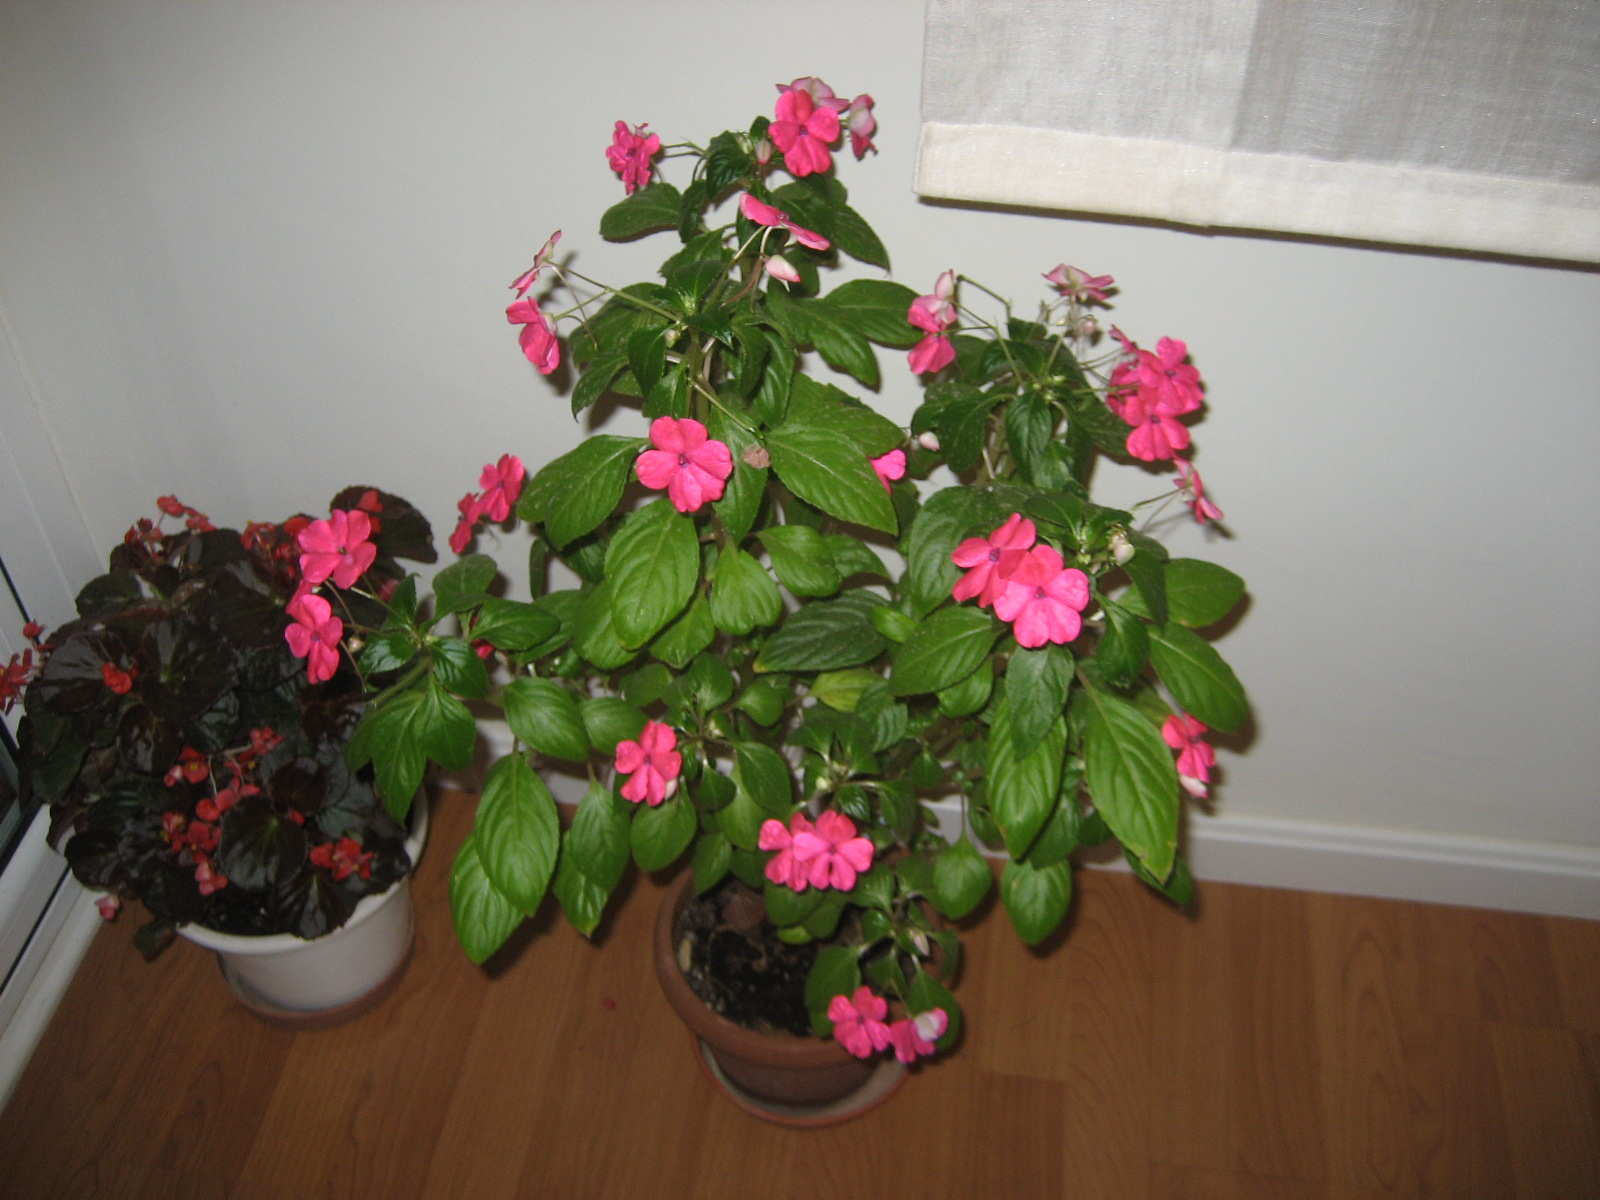 El huerto de balsas plantas de interior y exterior en macetas for Macetas plantas exterior